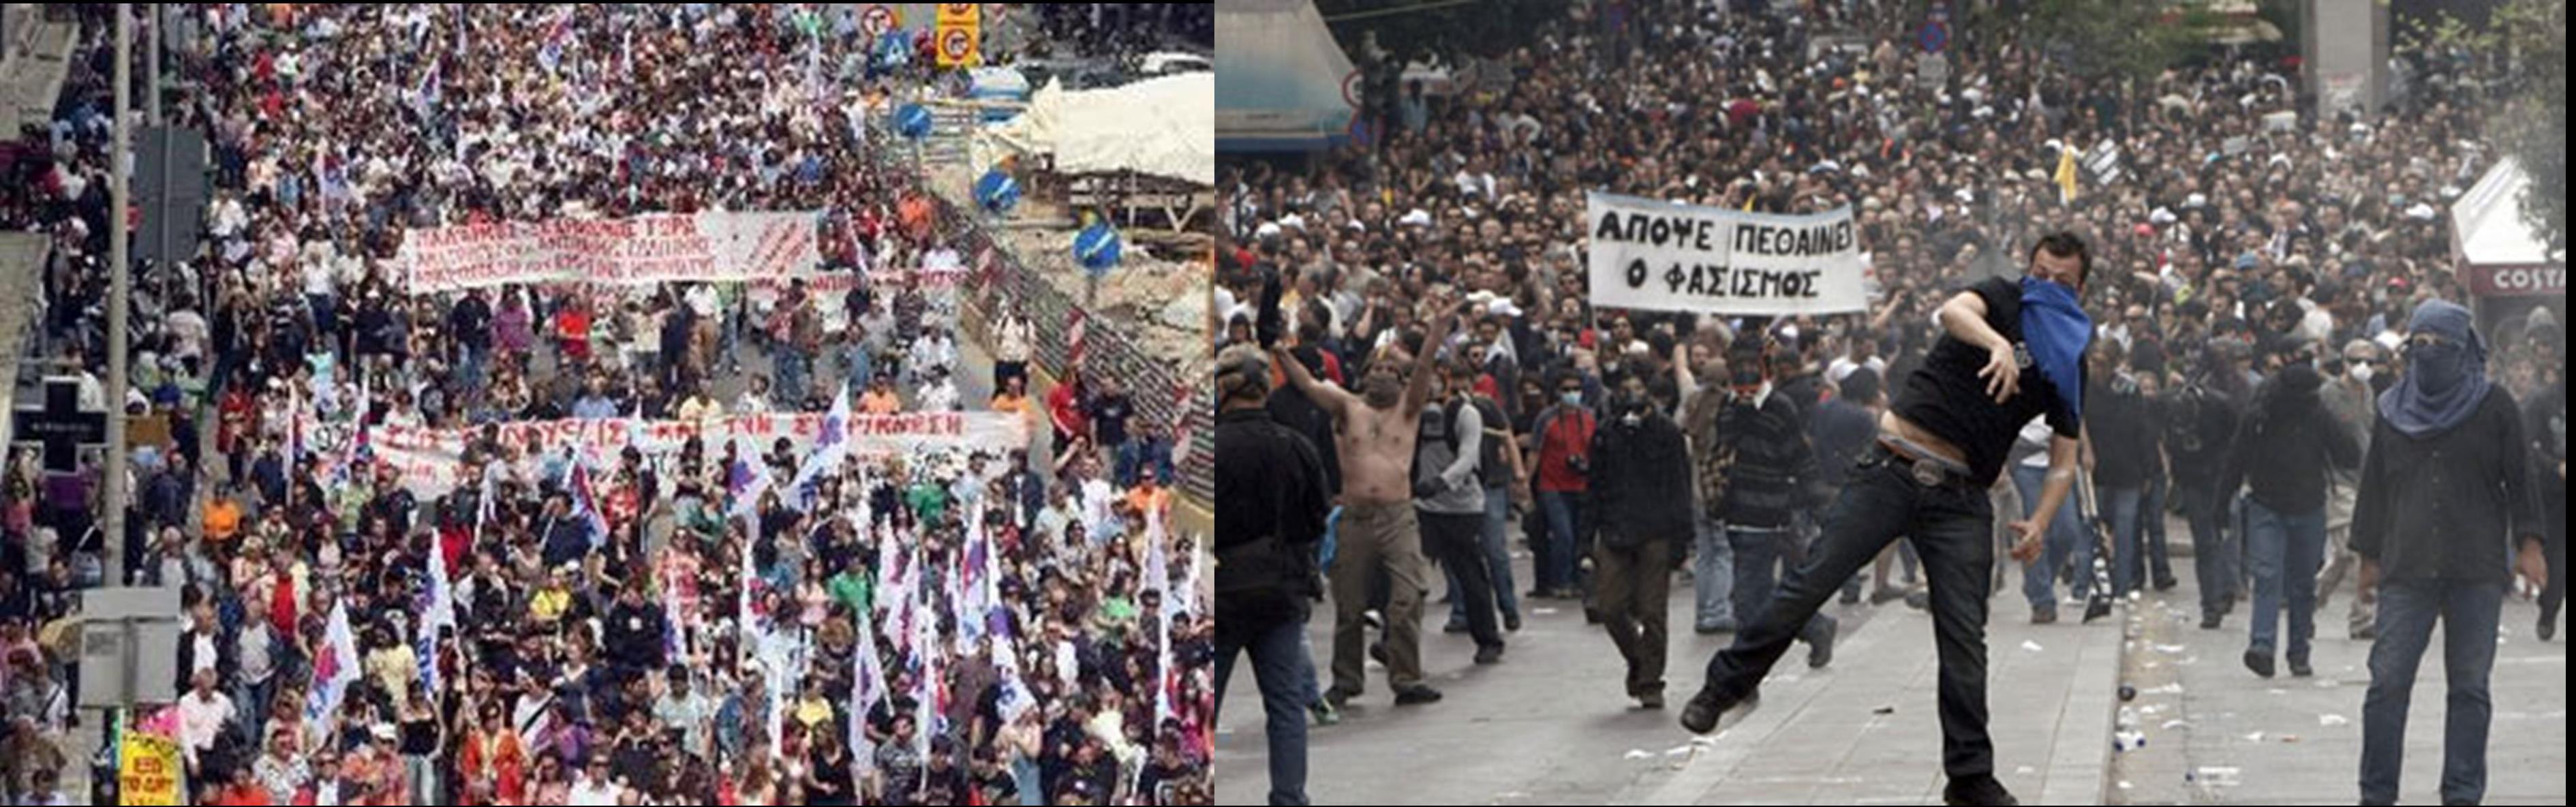 2010-majus-01-02.jpg